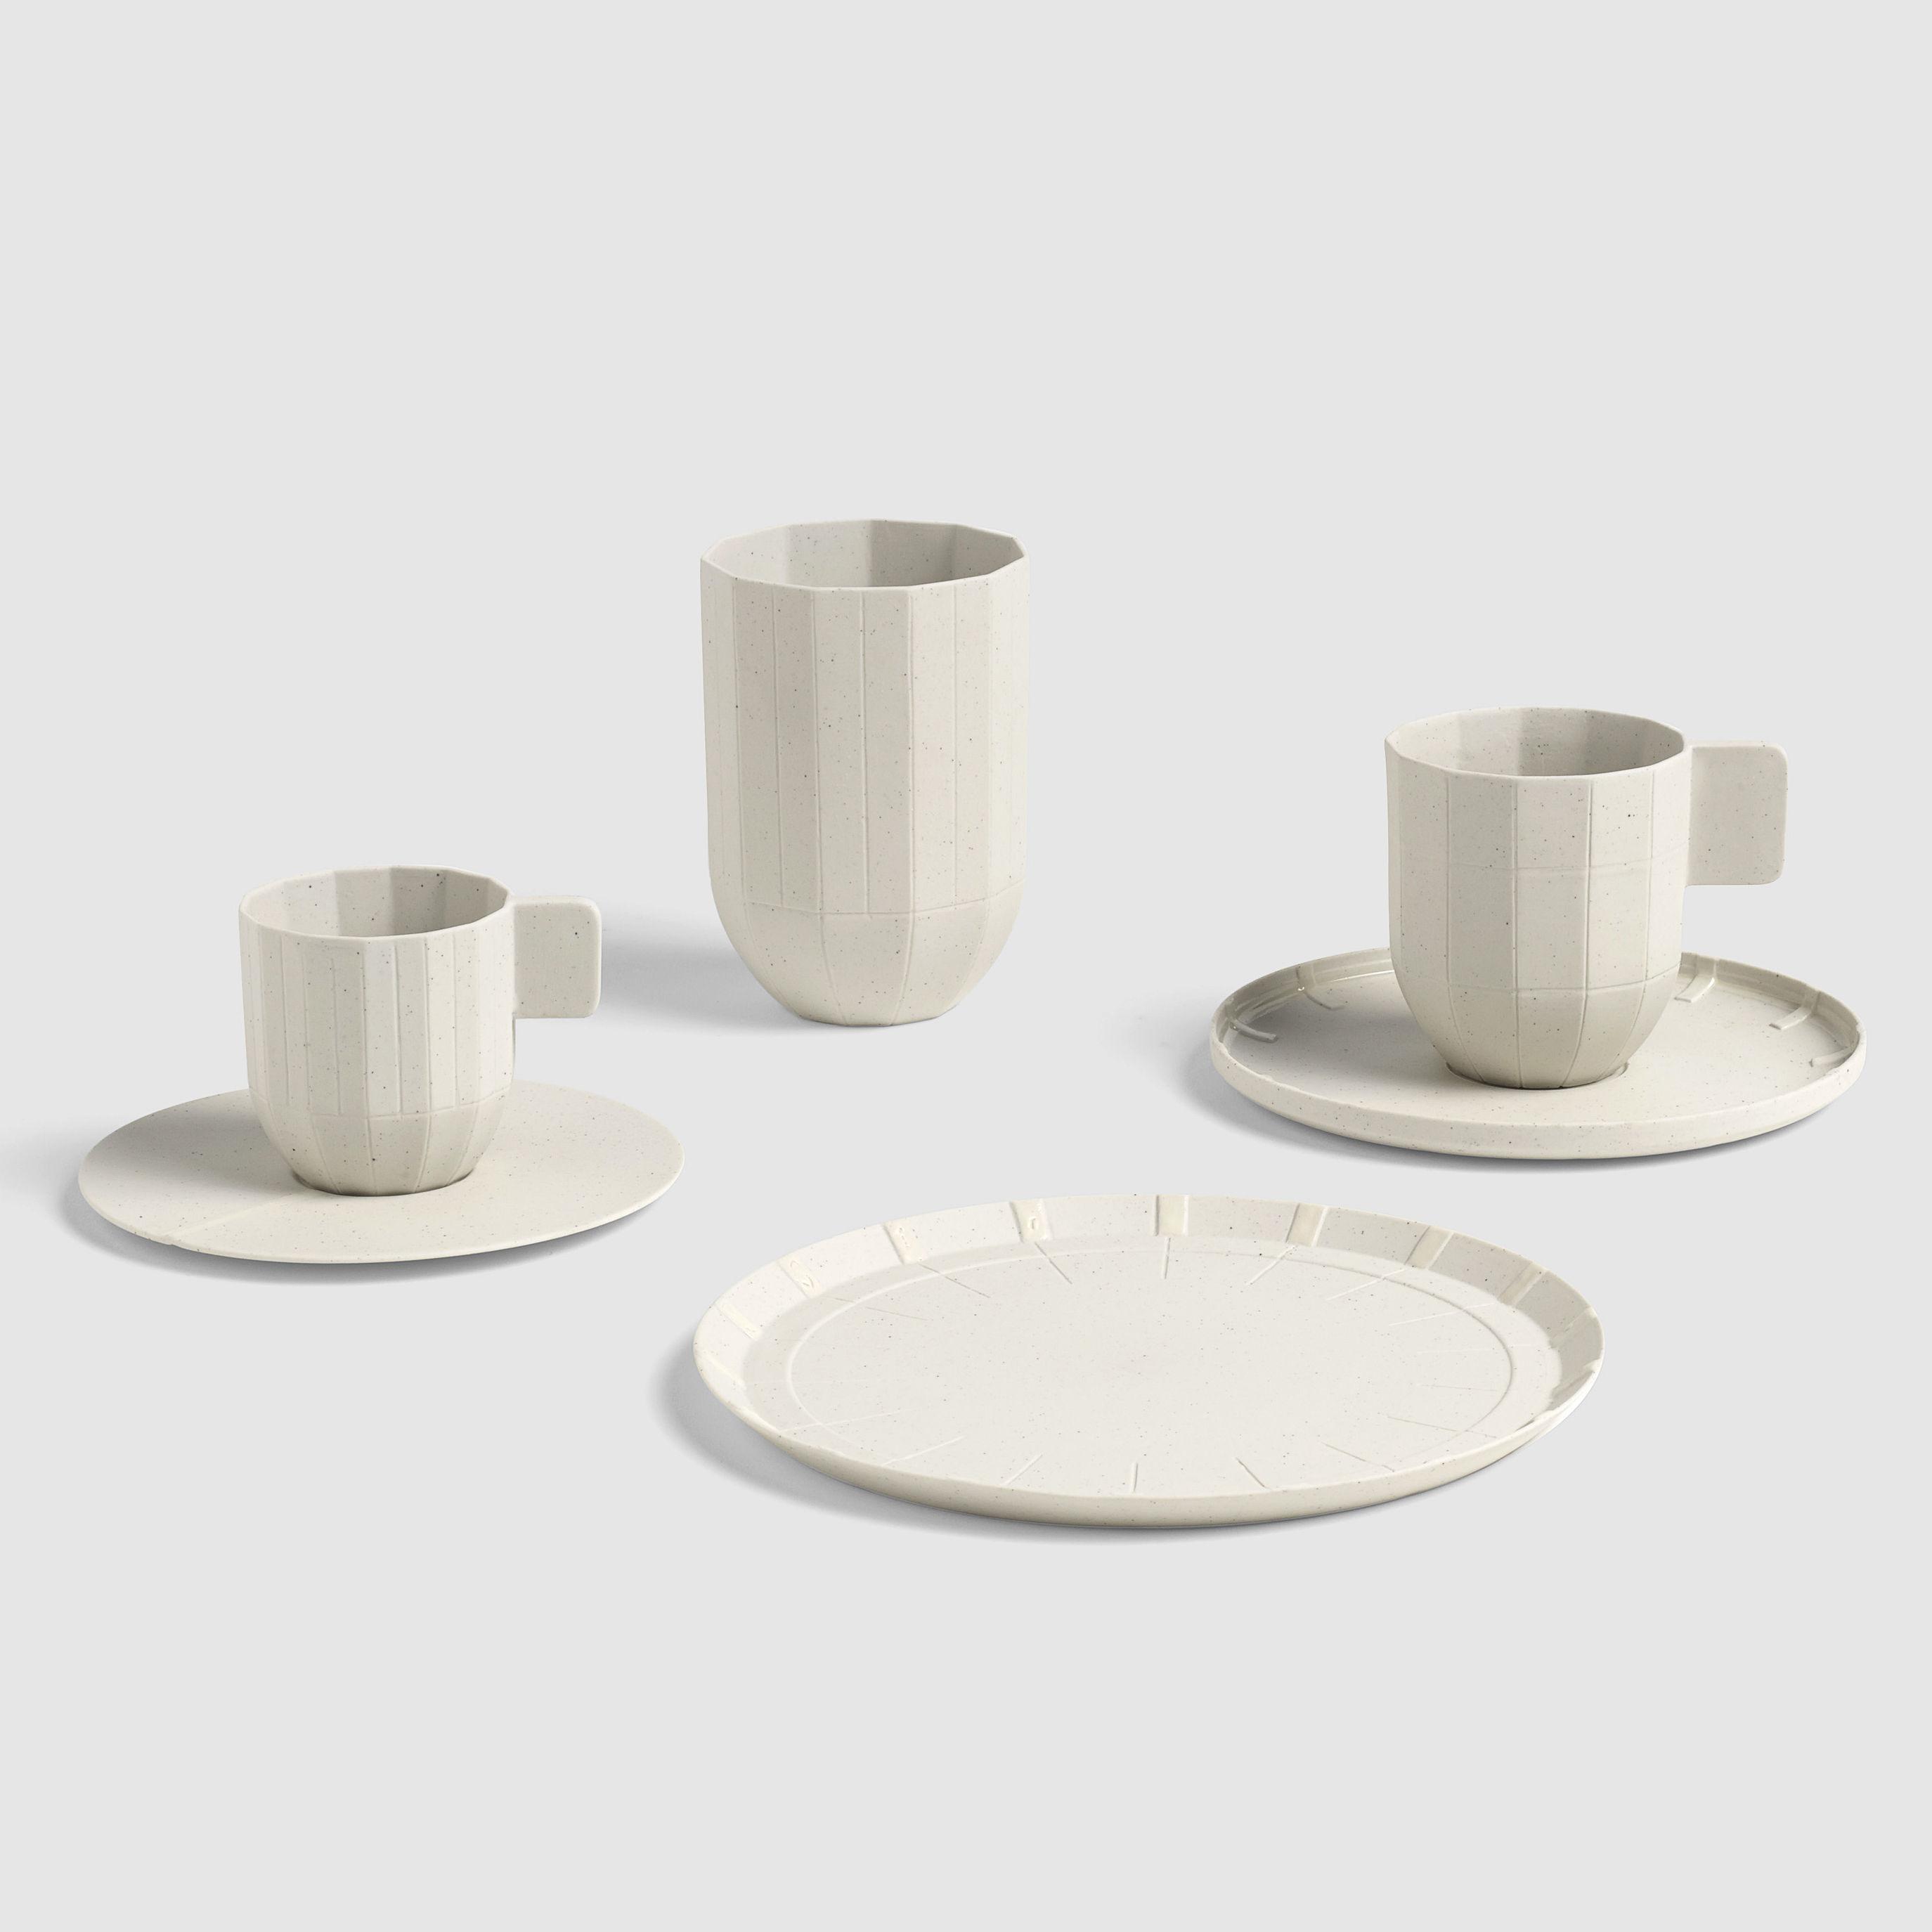 北欧インテリアブランド「HAY」の、紙みたいな質感のカップ。これがまさか有田焼だとは…